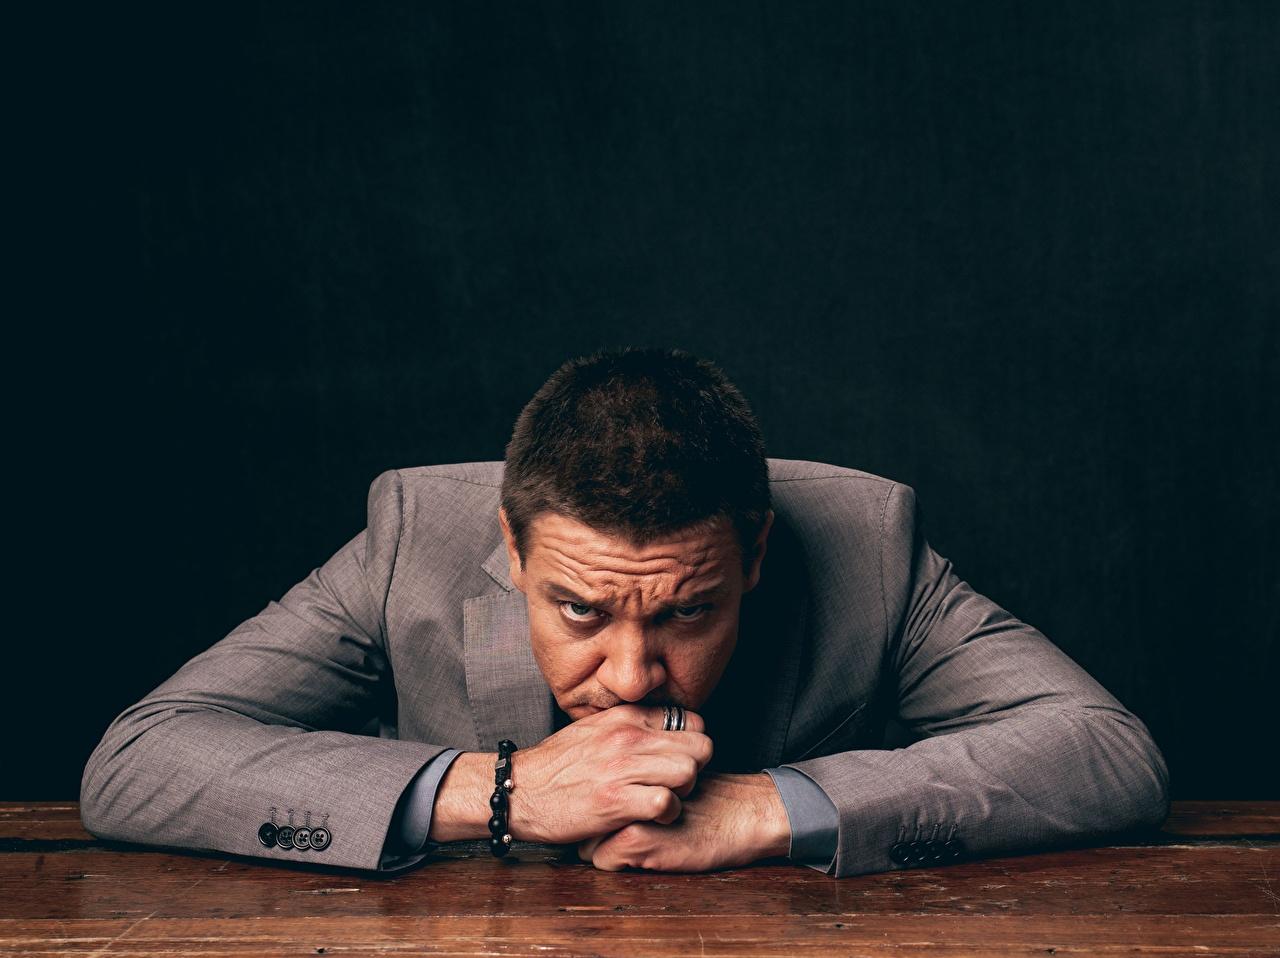 Bilder von Jeremy Renner Anzug Blick Prominente Starren